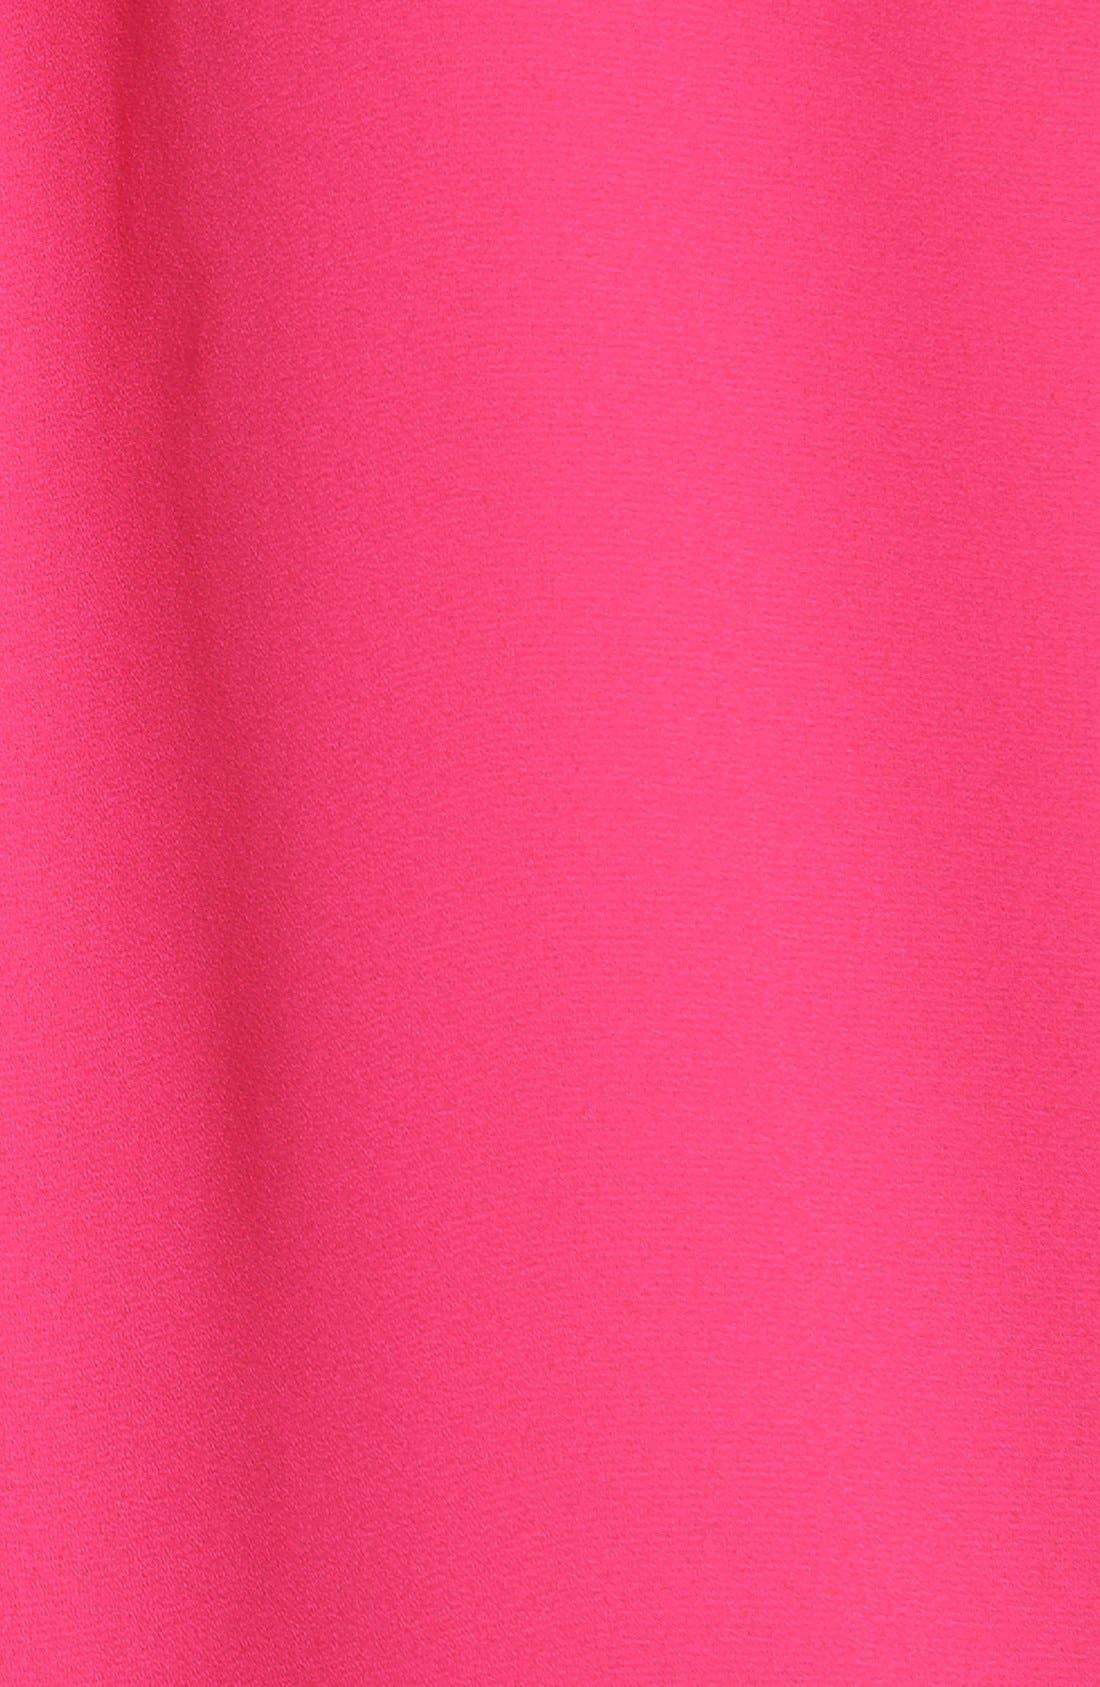 Pleat Back Sleeveless Split Neck Blouse,                             Alternate thumbnail 239, color,